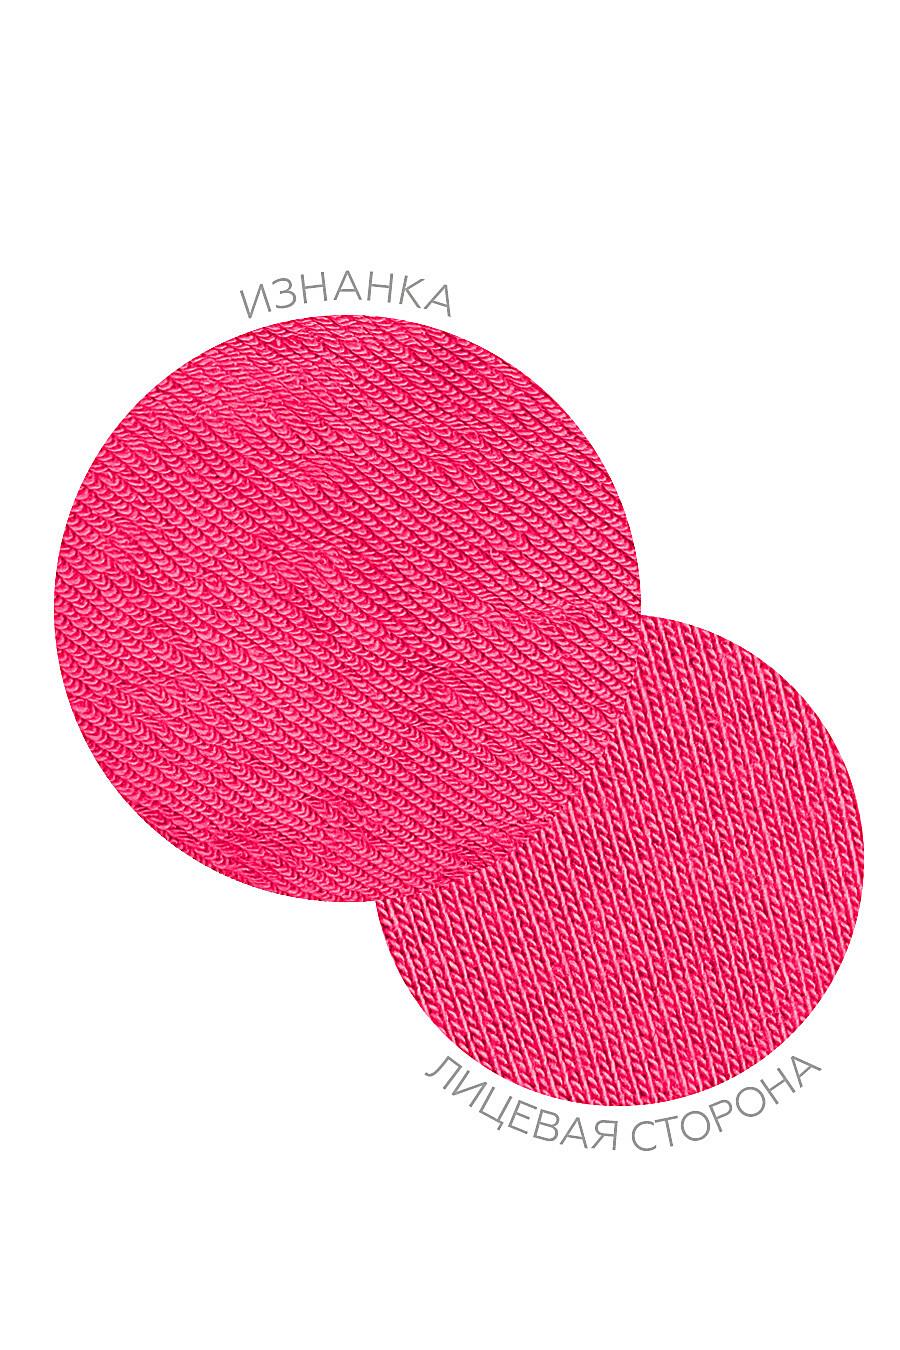 Худи для девочек EZANNA 668028 купить оптом от производителя. Совместная покупка детской одежды в OptMoyo